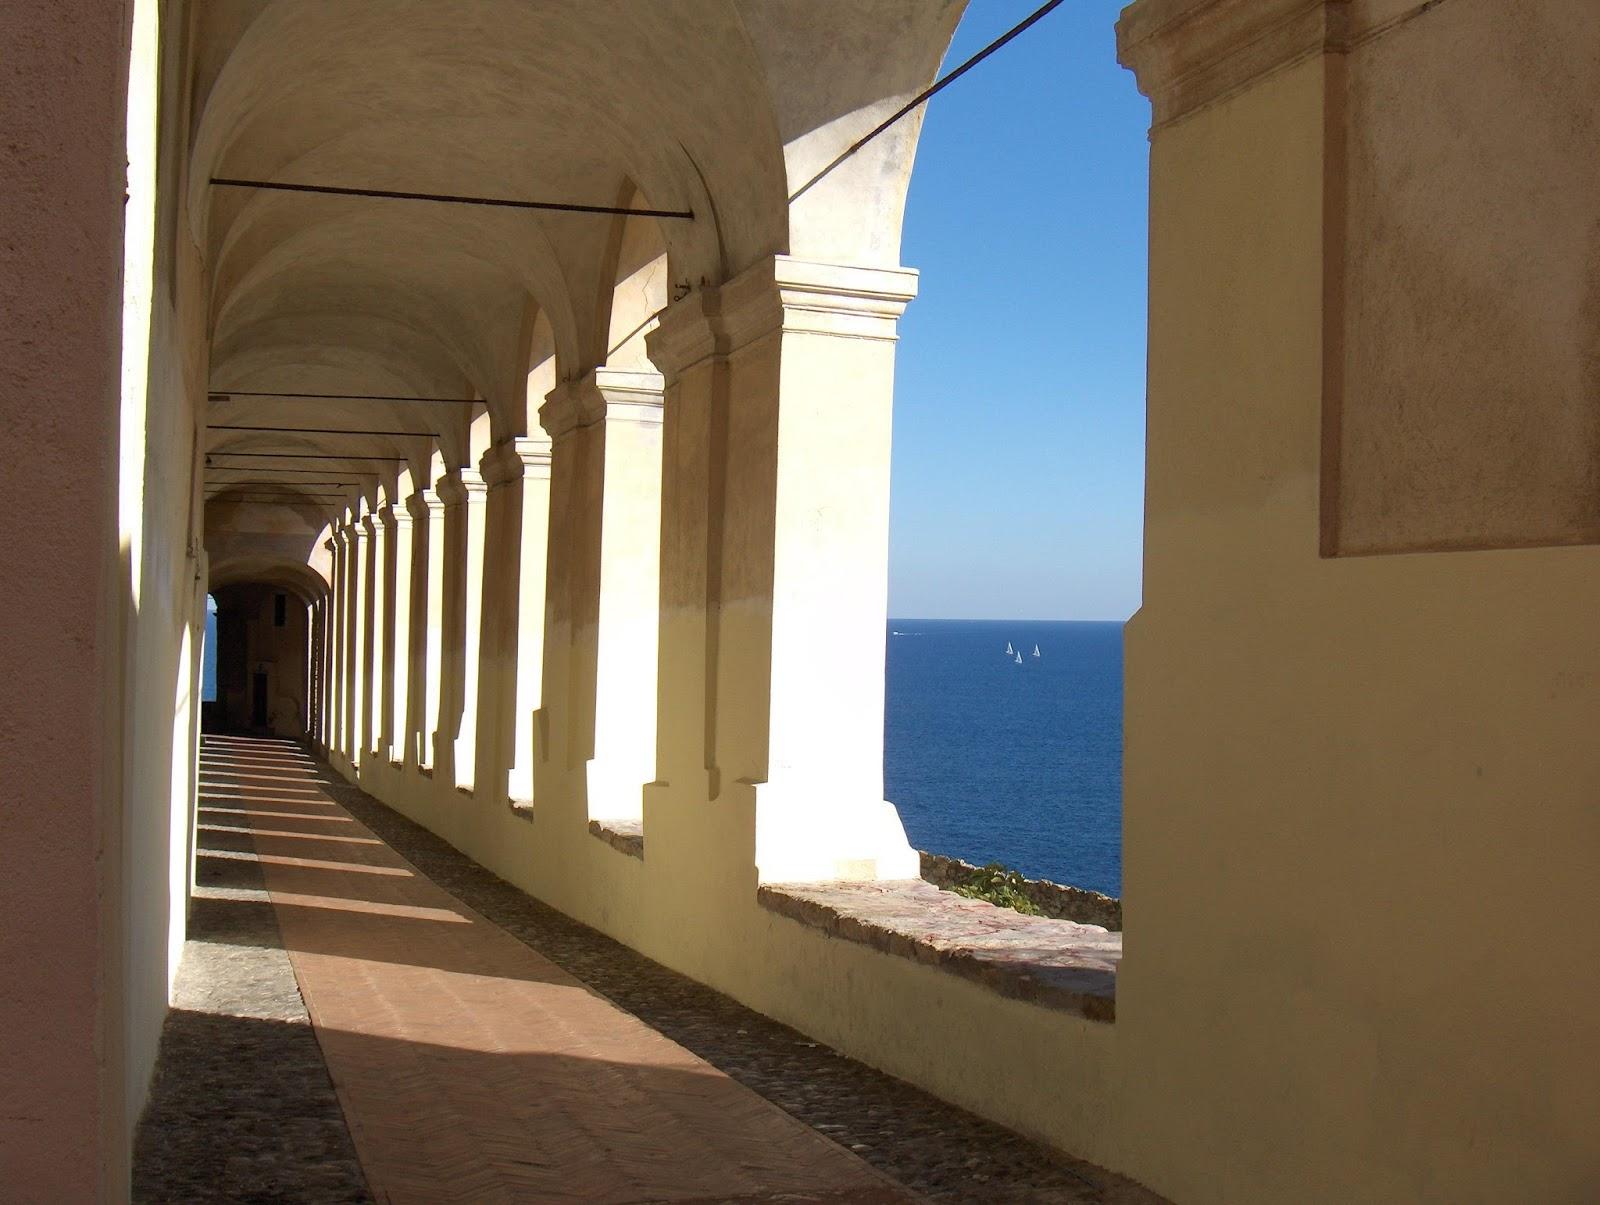 Vento largo porto maurizio la leggenda della finestra che non c 39 - Finestra che non si chiude ...